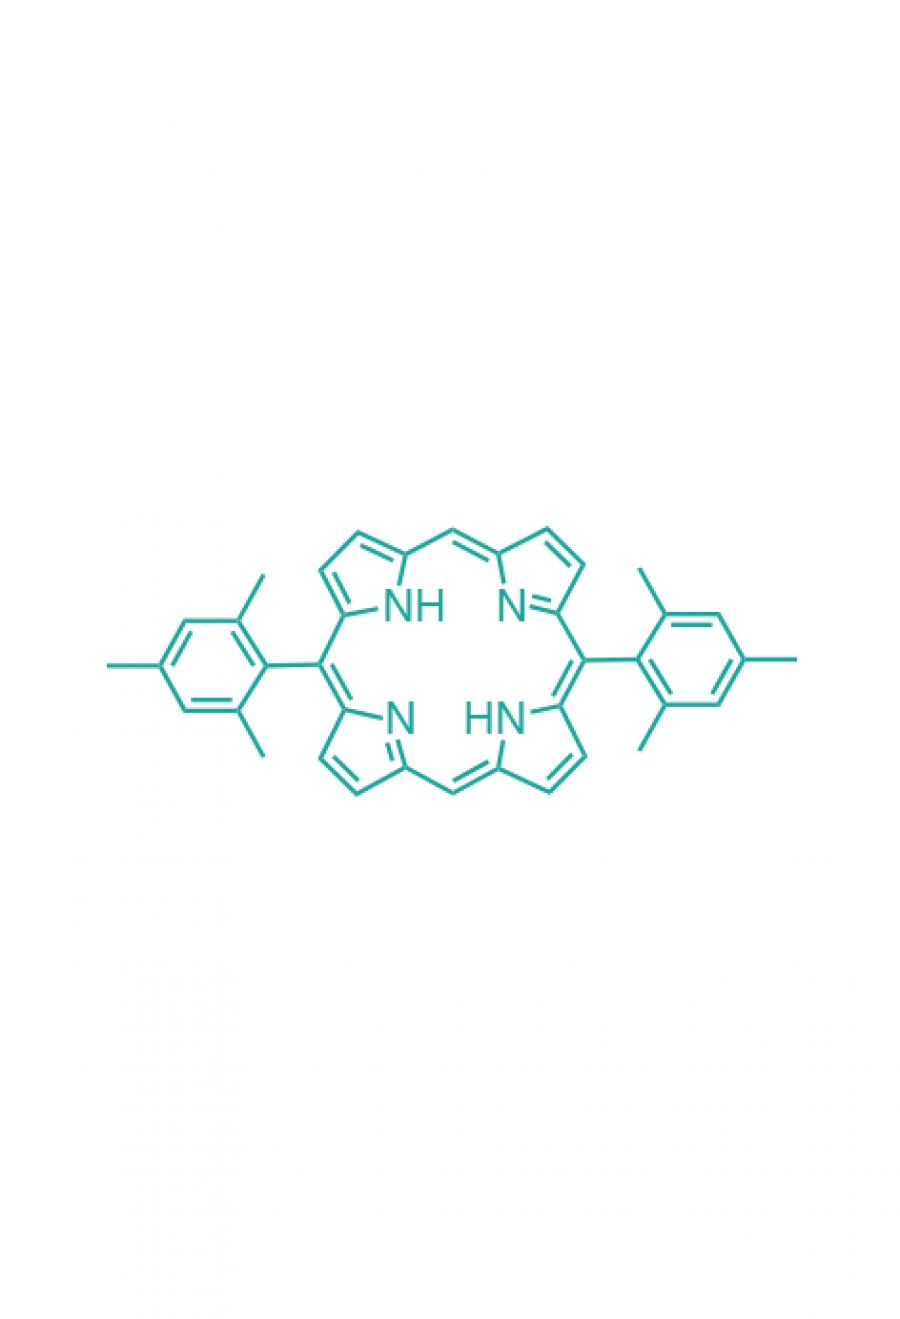 5,15-(dimesityl)porphyrin